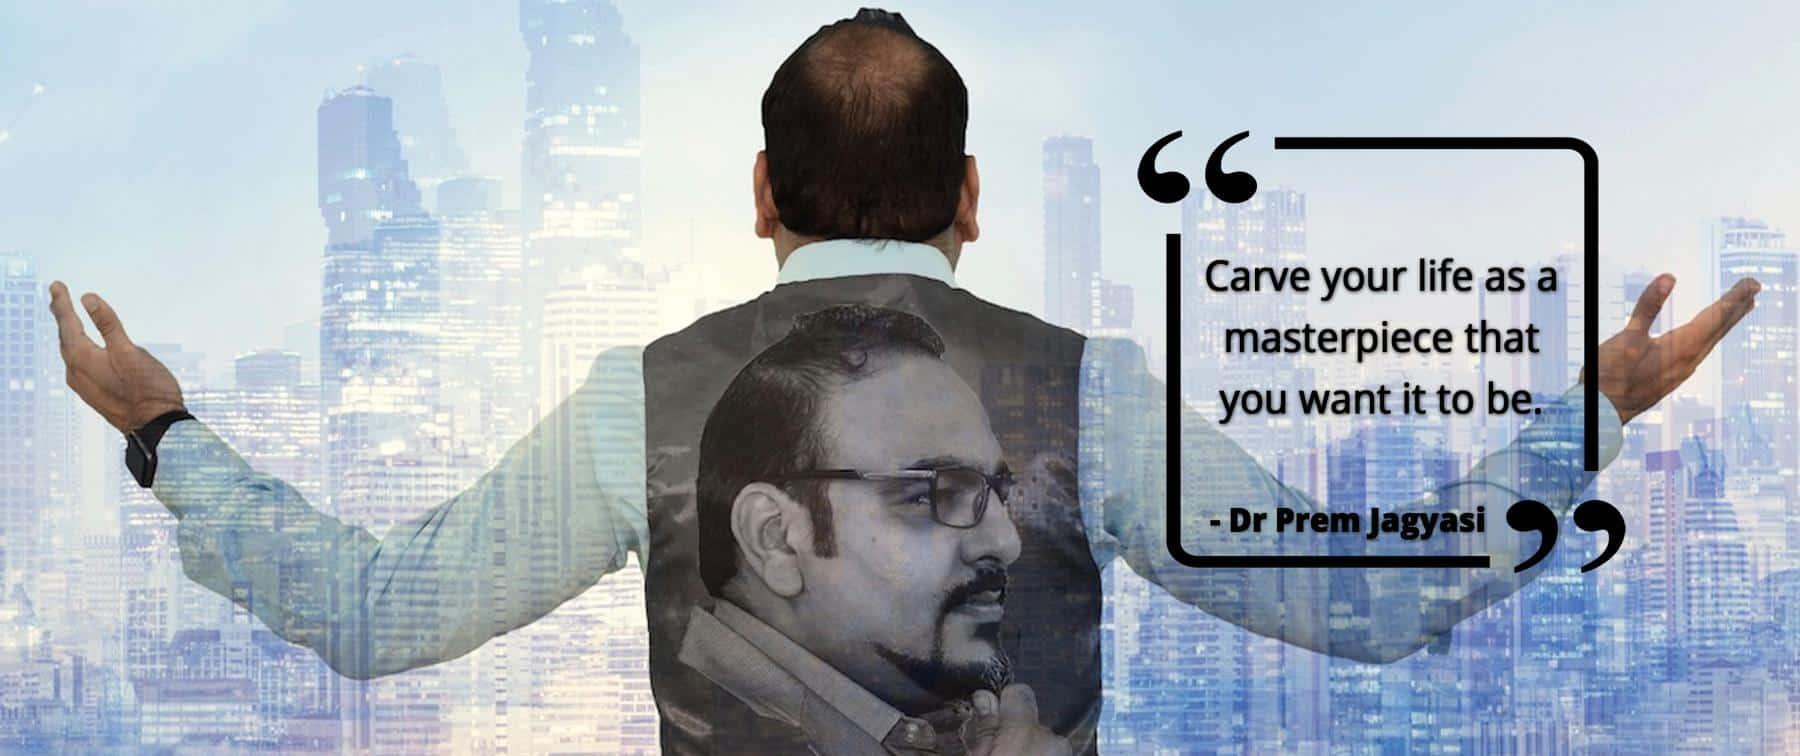 Dr Prem Jagyasi Global Speaker masterpiece